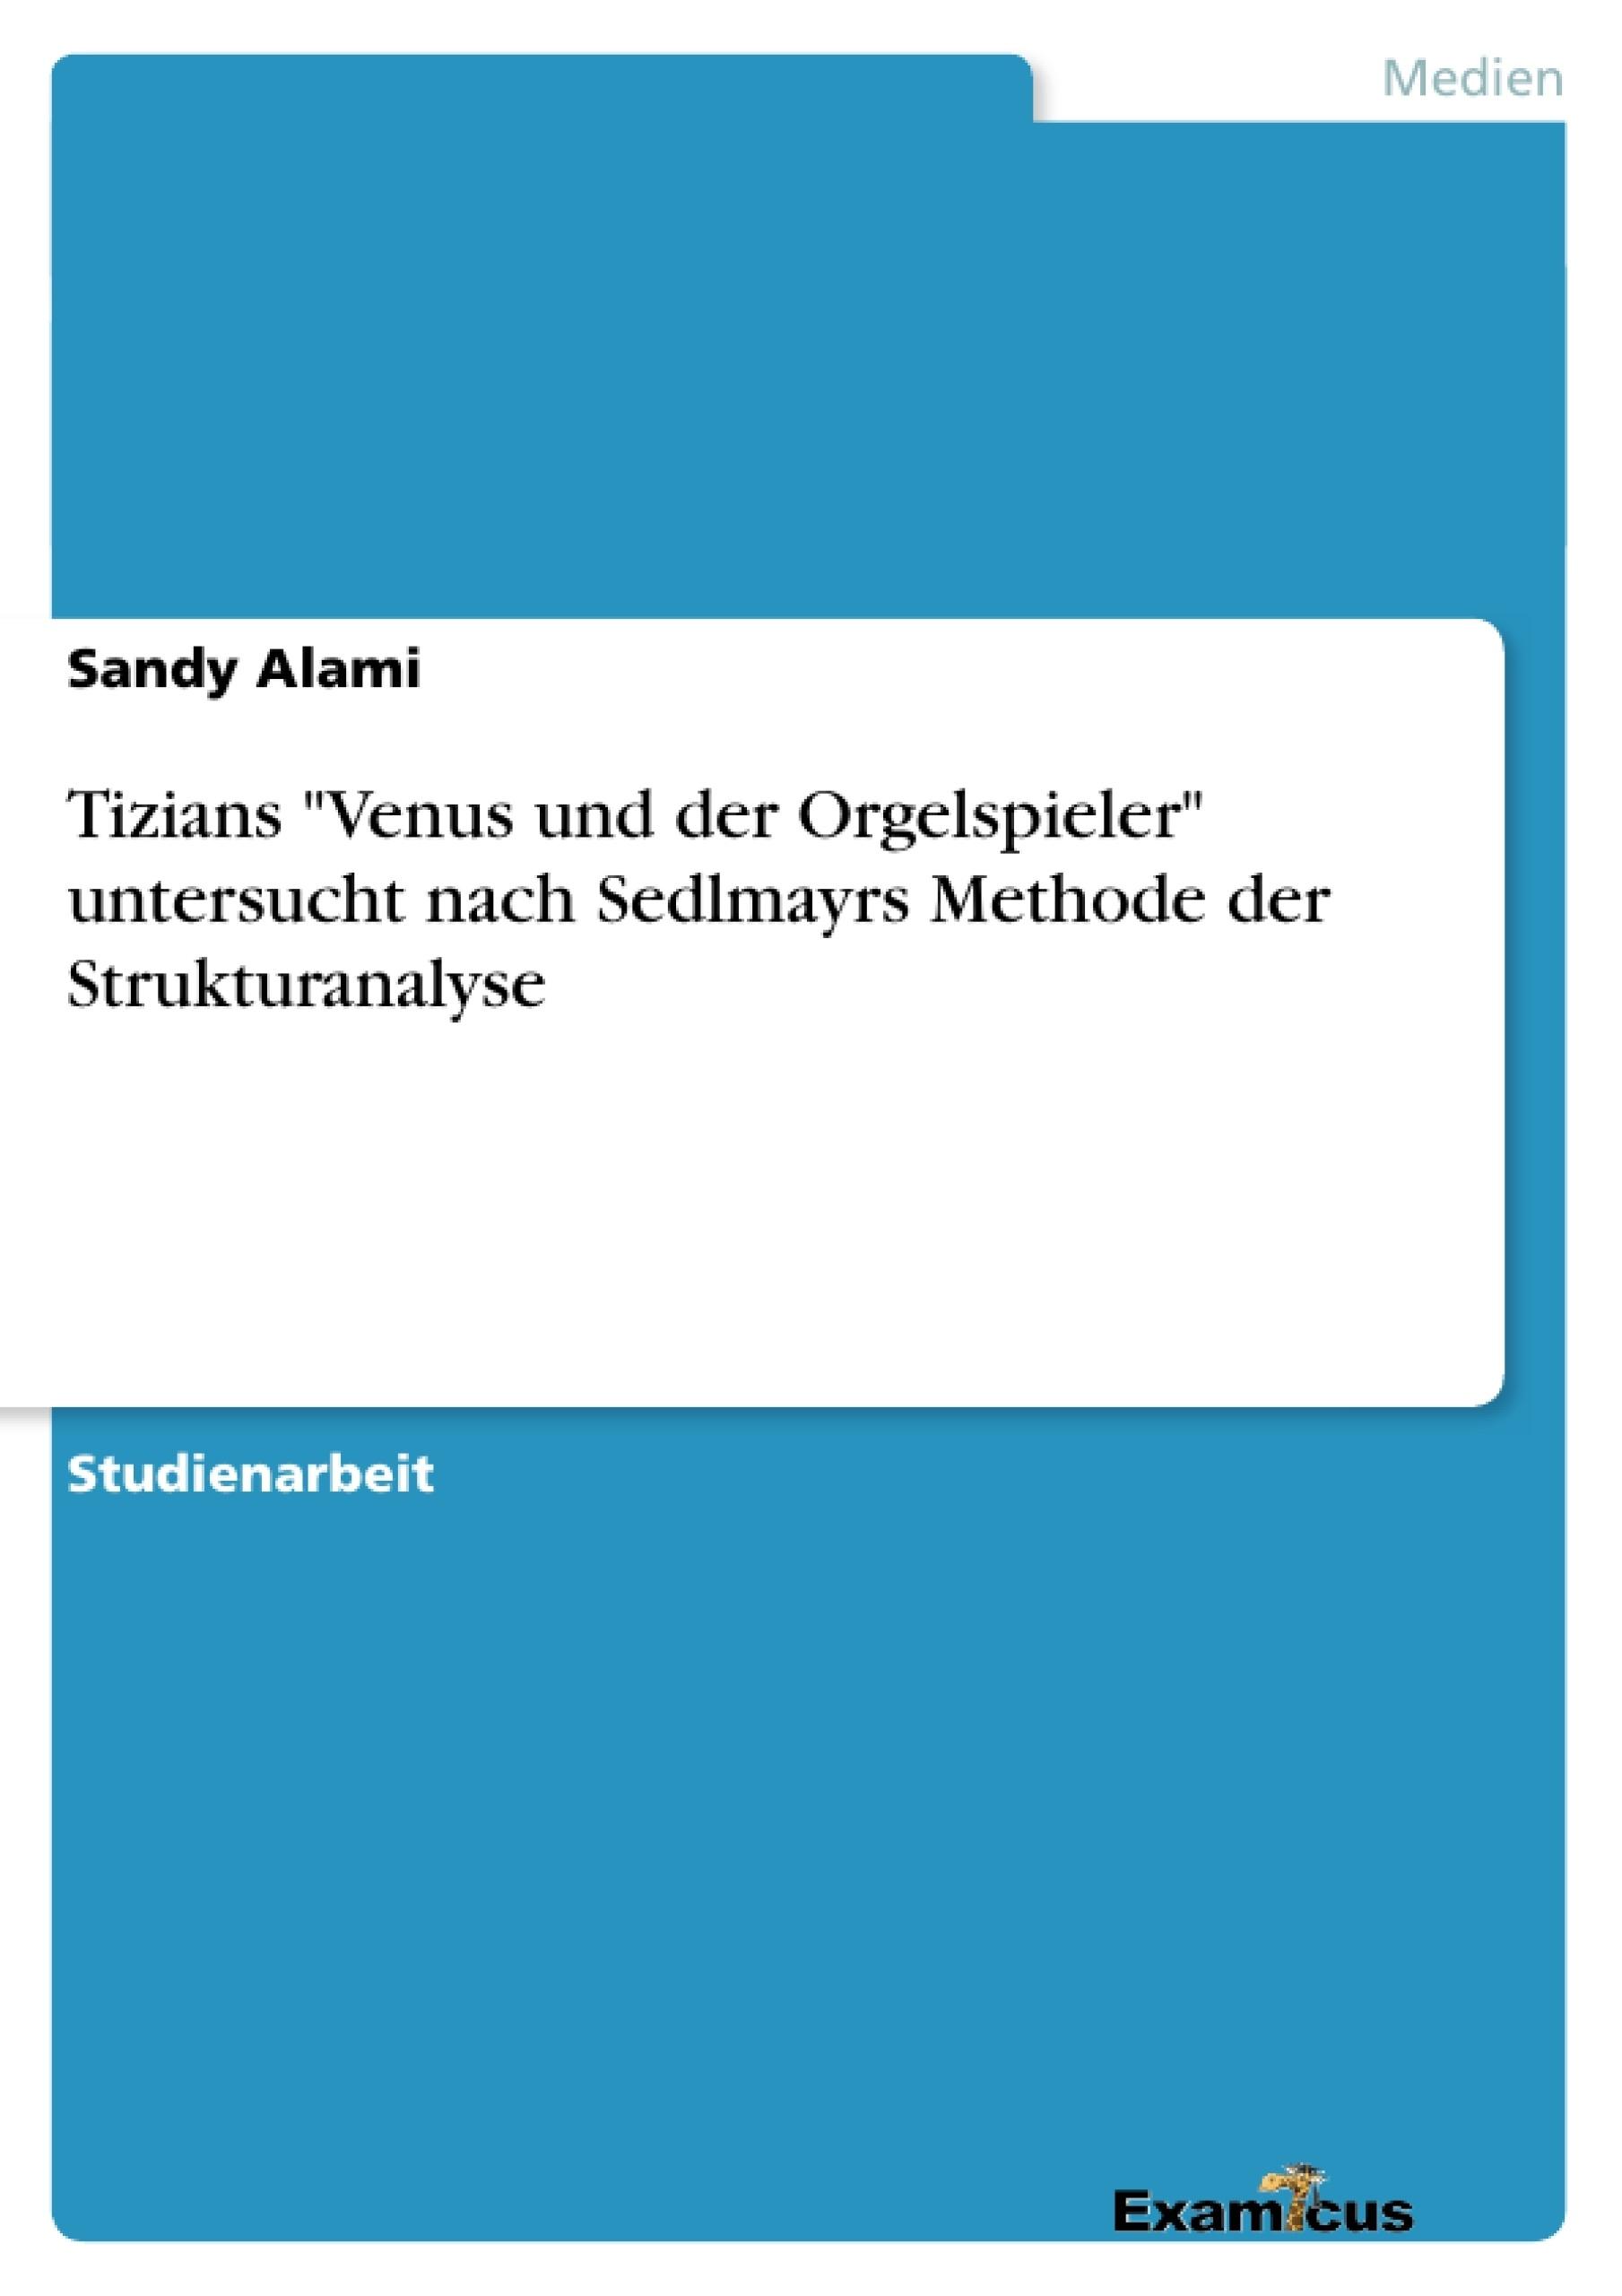 """Titel: Tizians """"Venus und der Orgelspieler"""" untersucht nach Sedlmayrs Methode der Strukturanalyse"""